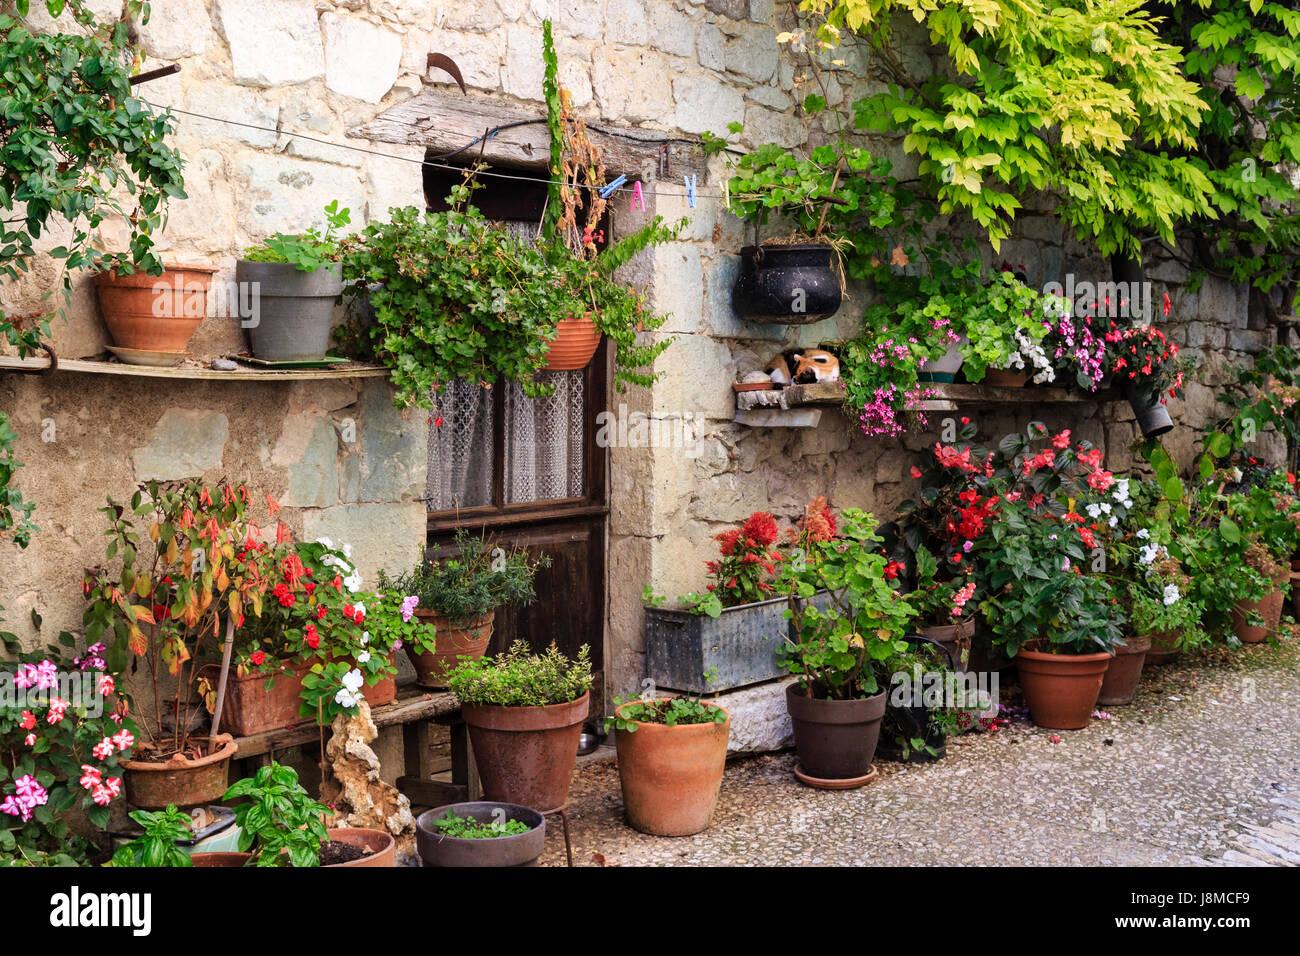 France lot et garonne pujols étiqueté les plus beaux villages de france